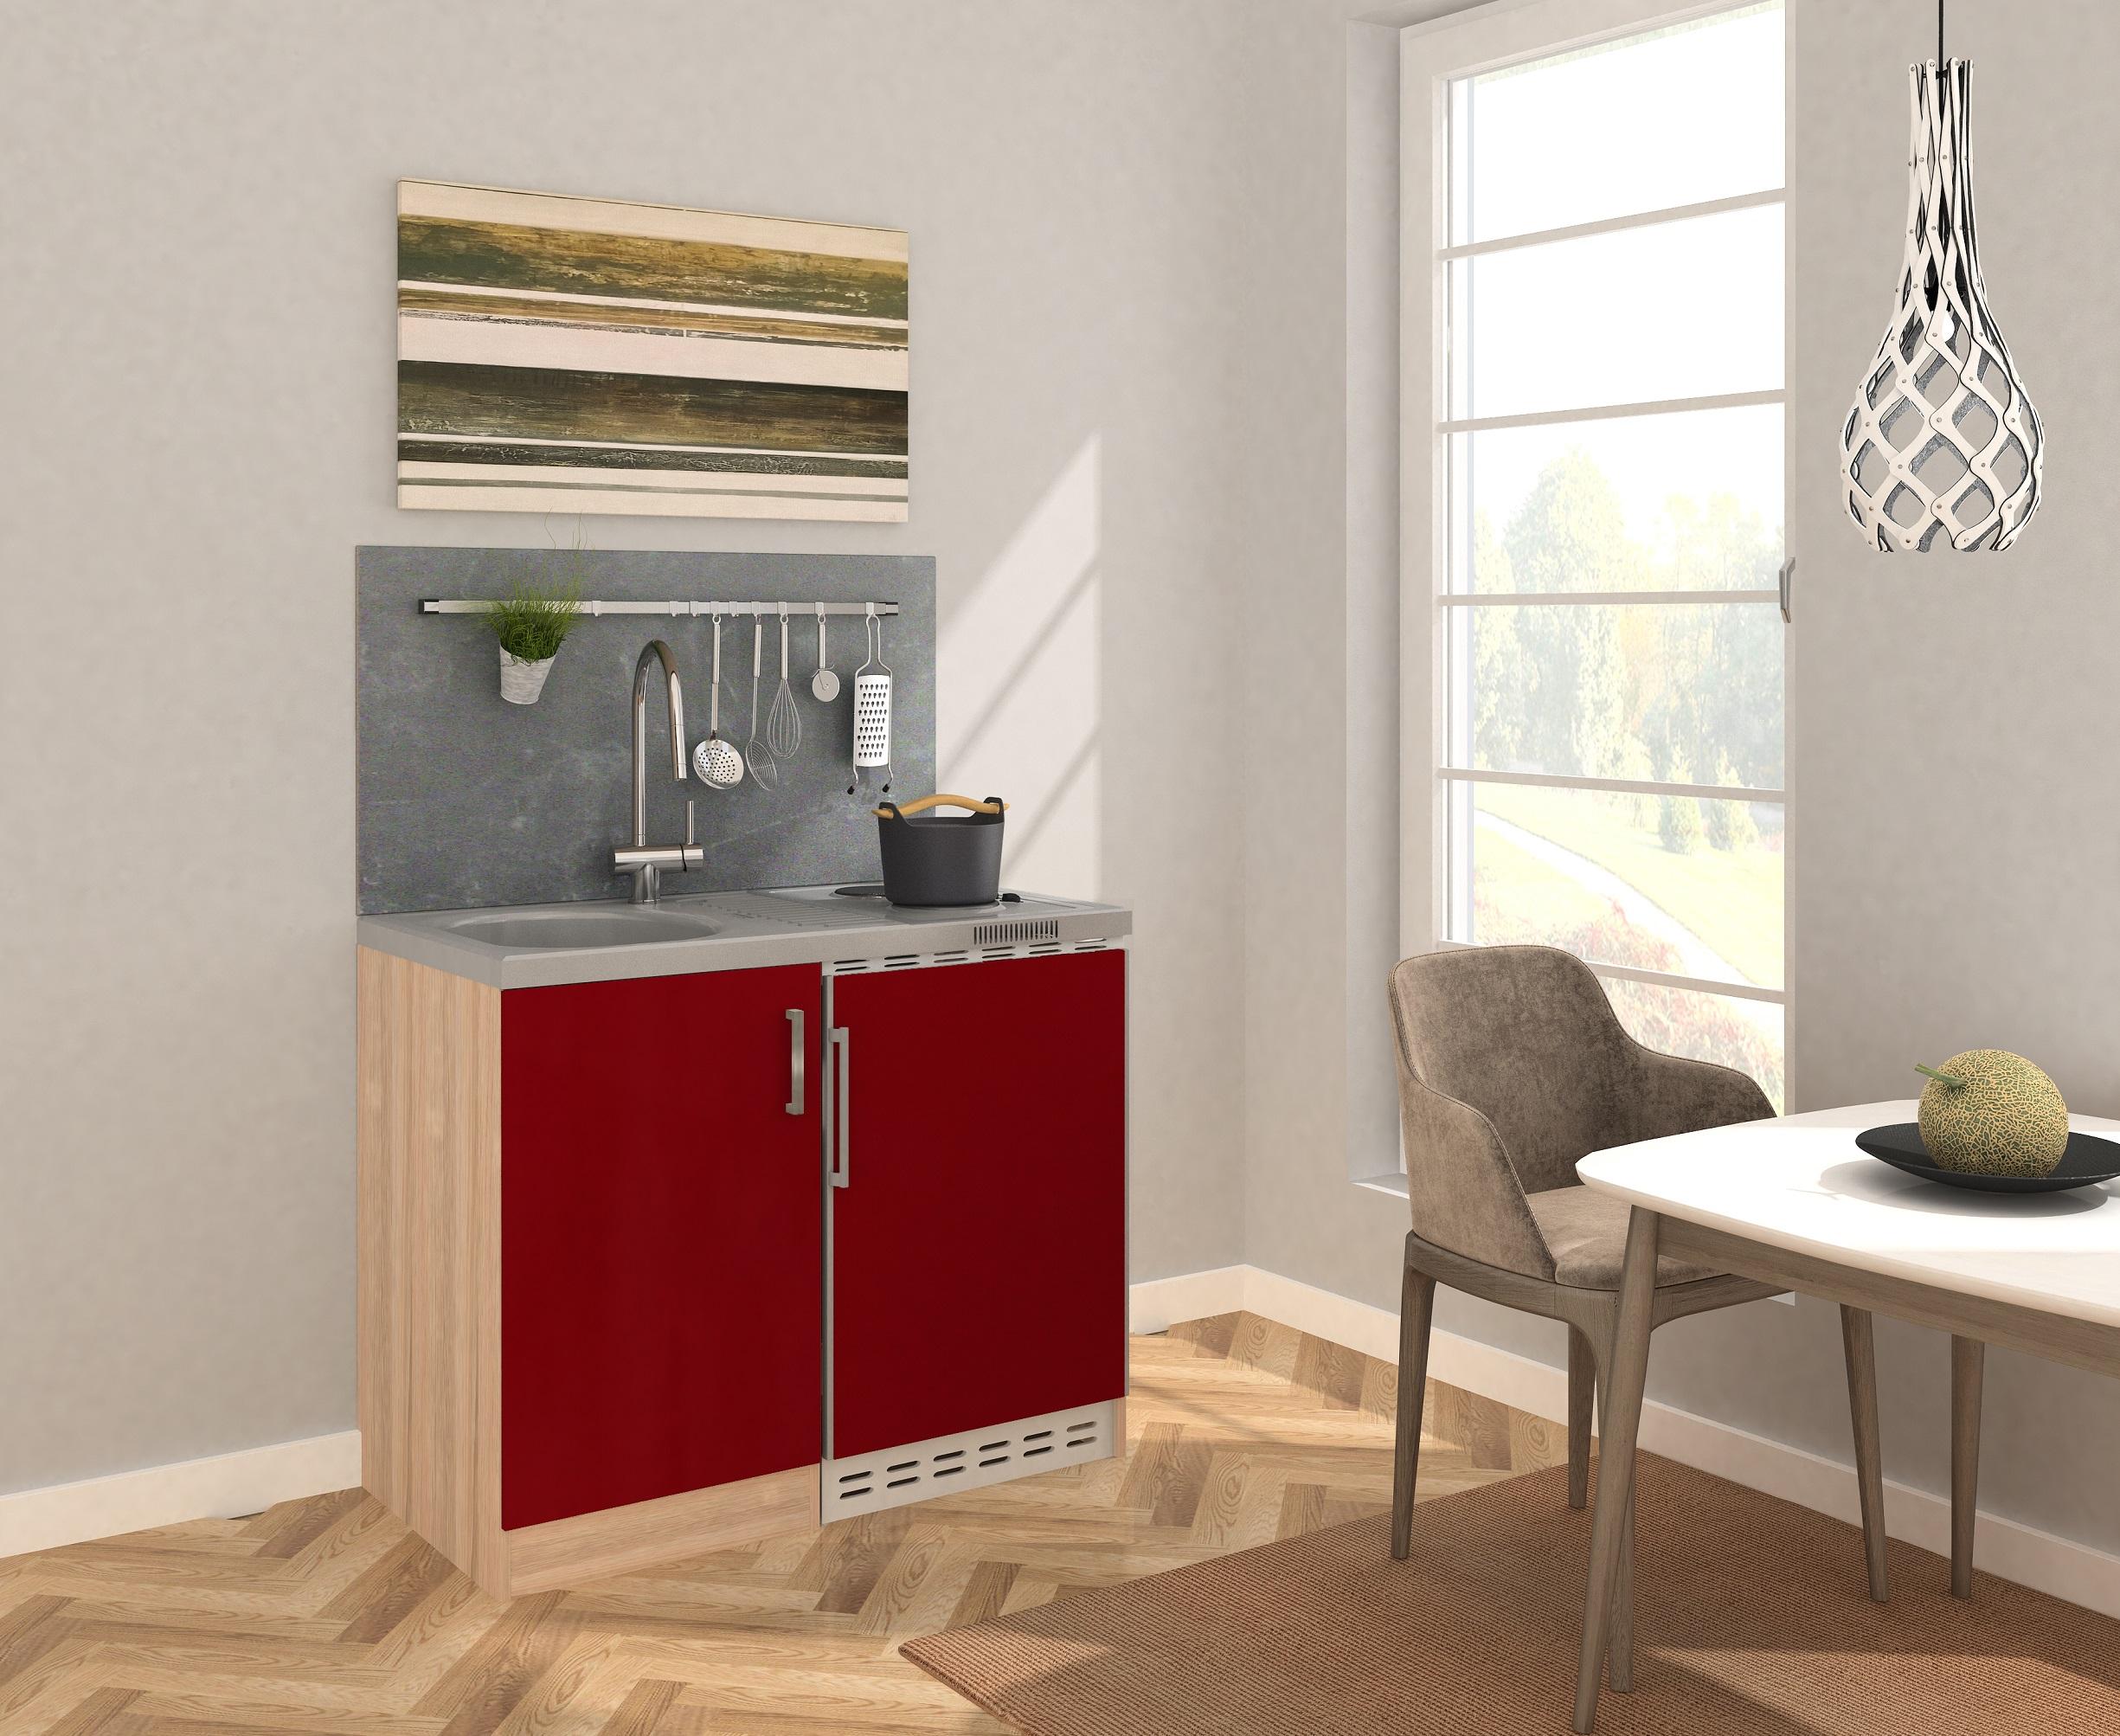 respekta Miniküche Küche Küchenzeile Pantry Küchenblock 100 cm Eiche Sägerau rot